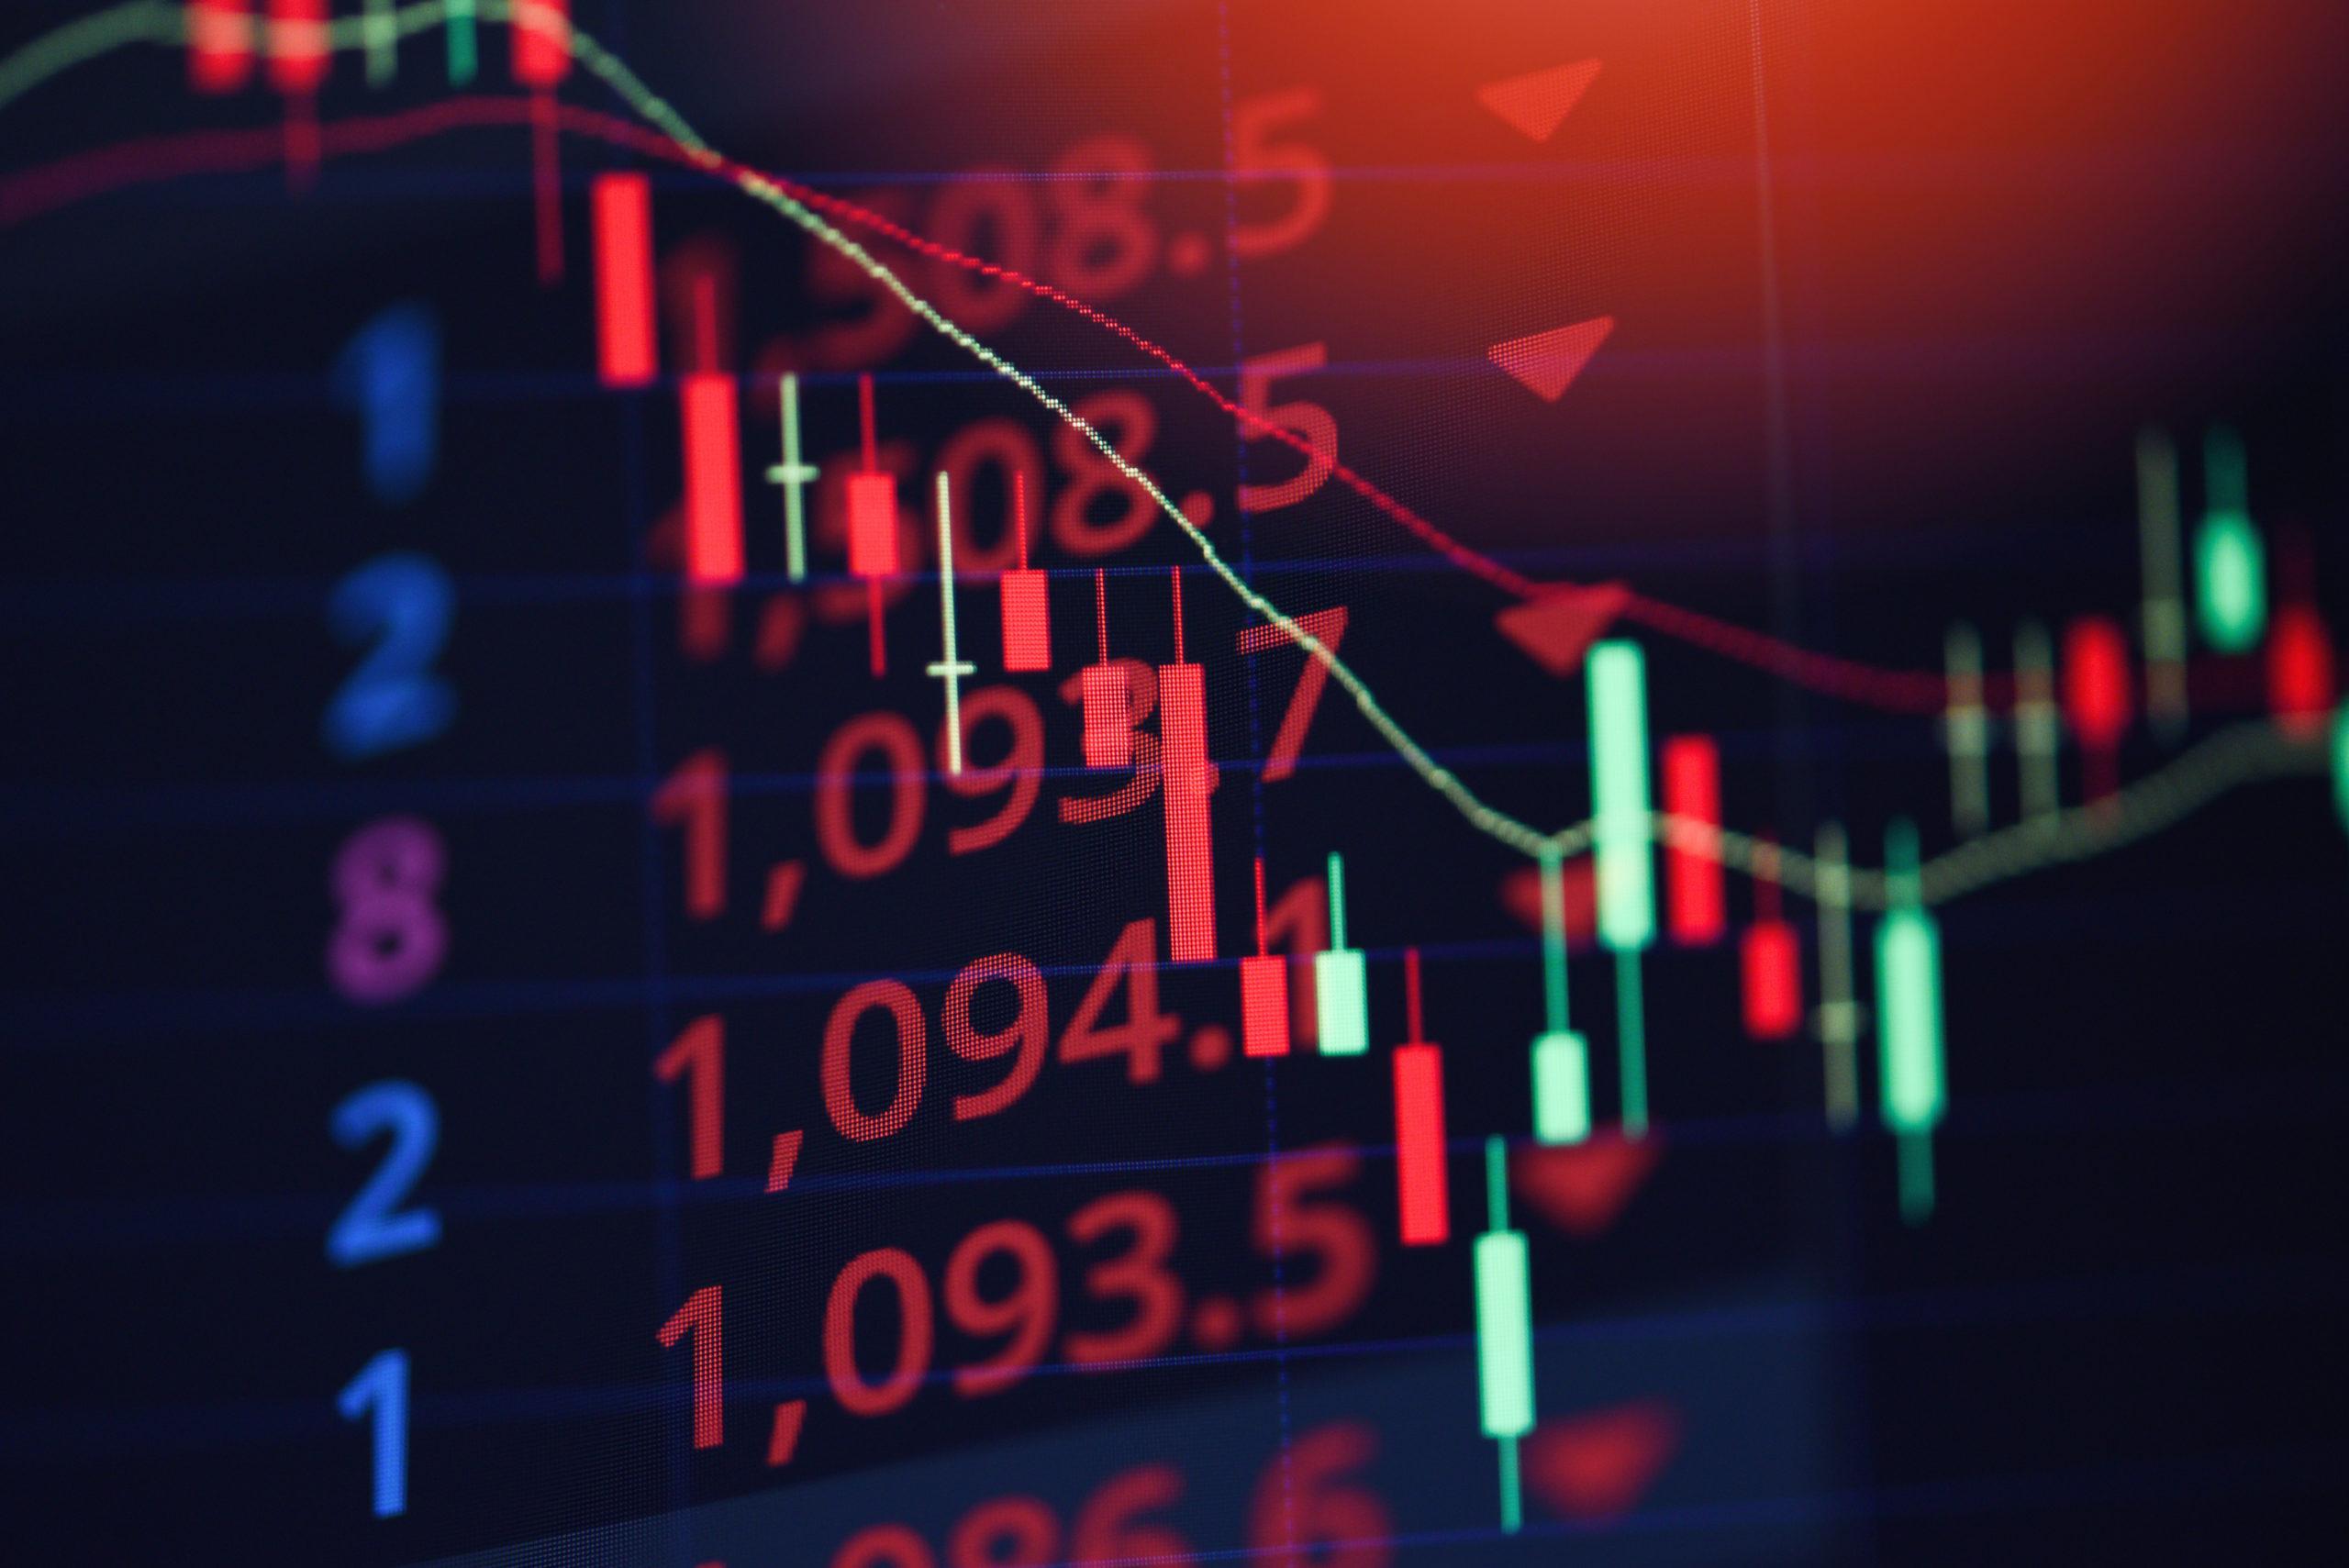 bitcoin btc fiyat analizi bu seviyenin uzerinde kalamazsa yeni bir dusus baslayabilir